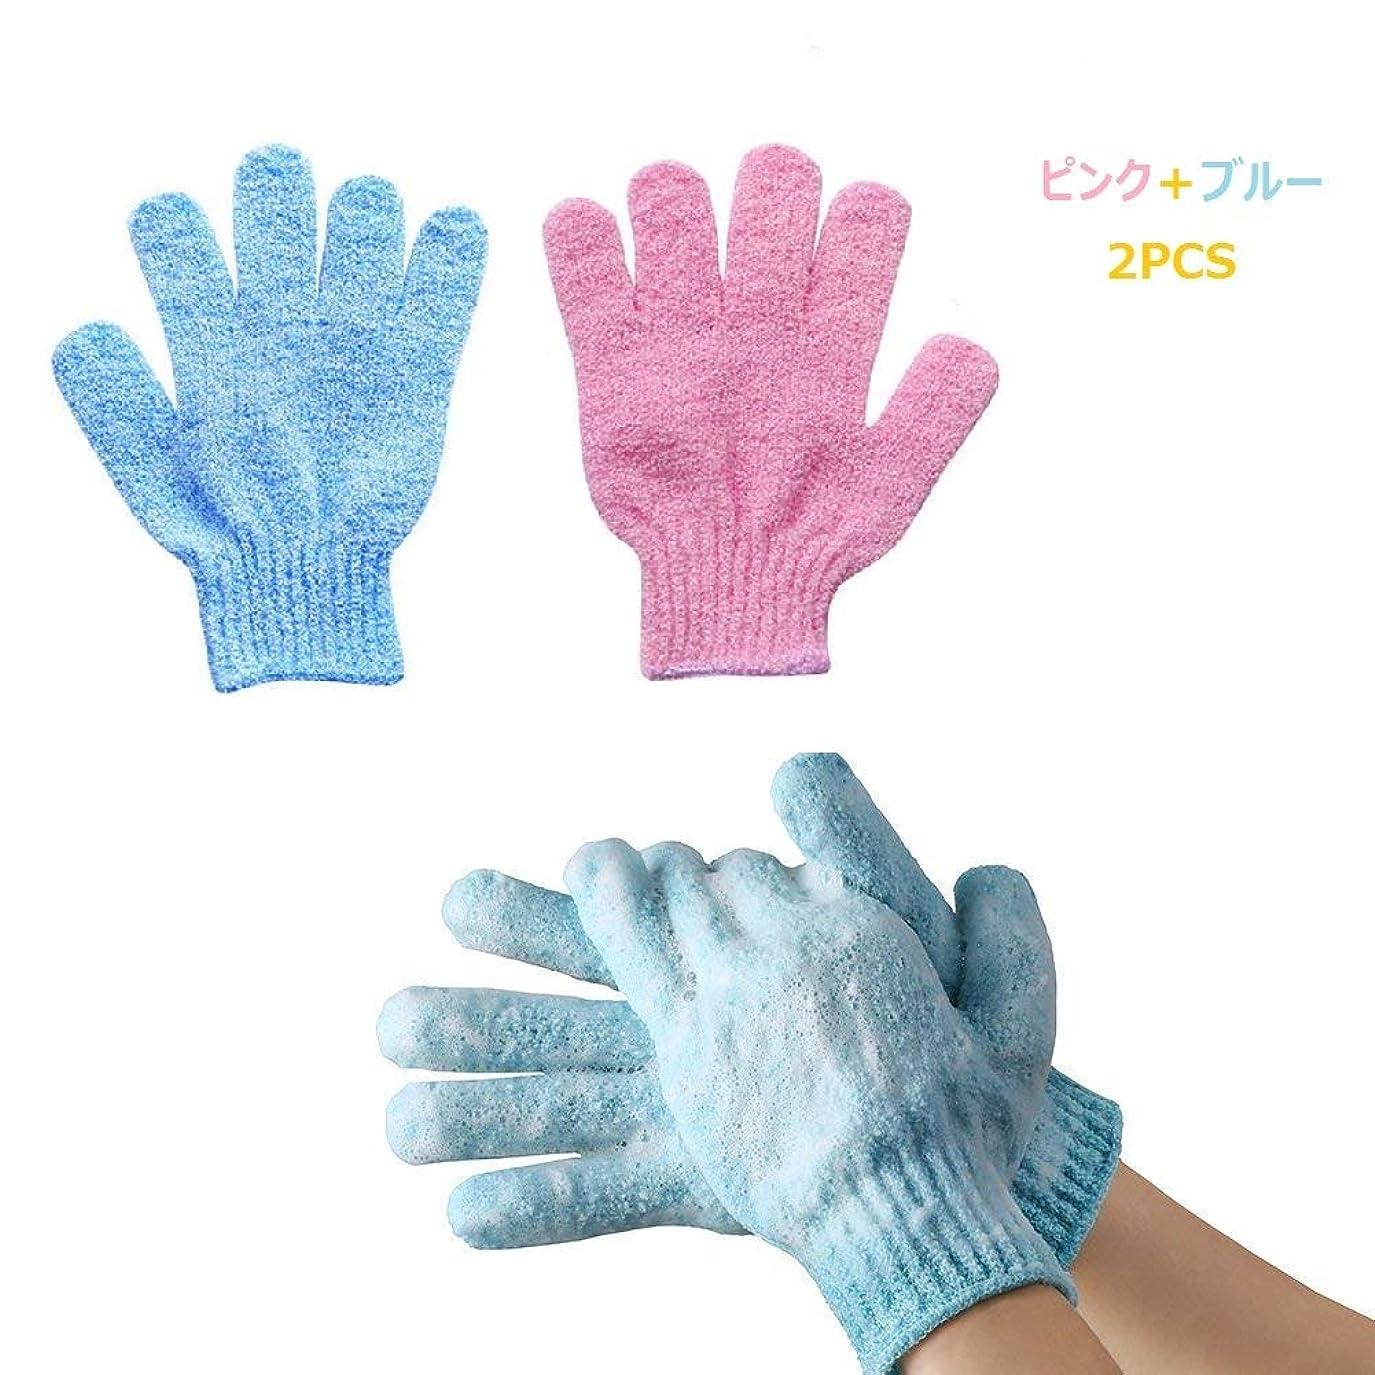 昇るベギン霧深いROOFTOPS お風呂手袋 五本指 シャワーグローブ 泡立ち 柔らかい 入浴用品 角質除去 垢すり 2PCS (ピンク+ブルー)